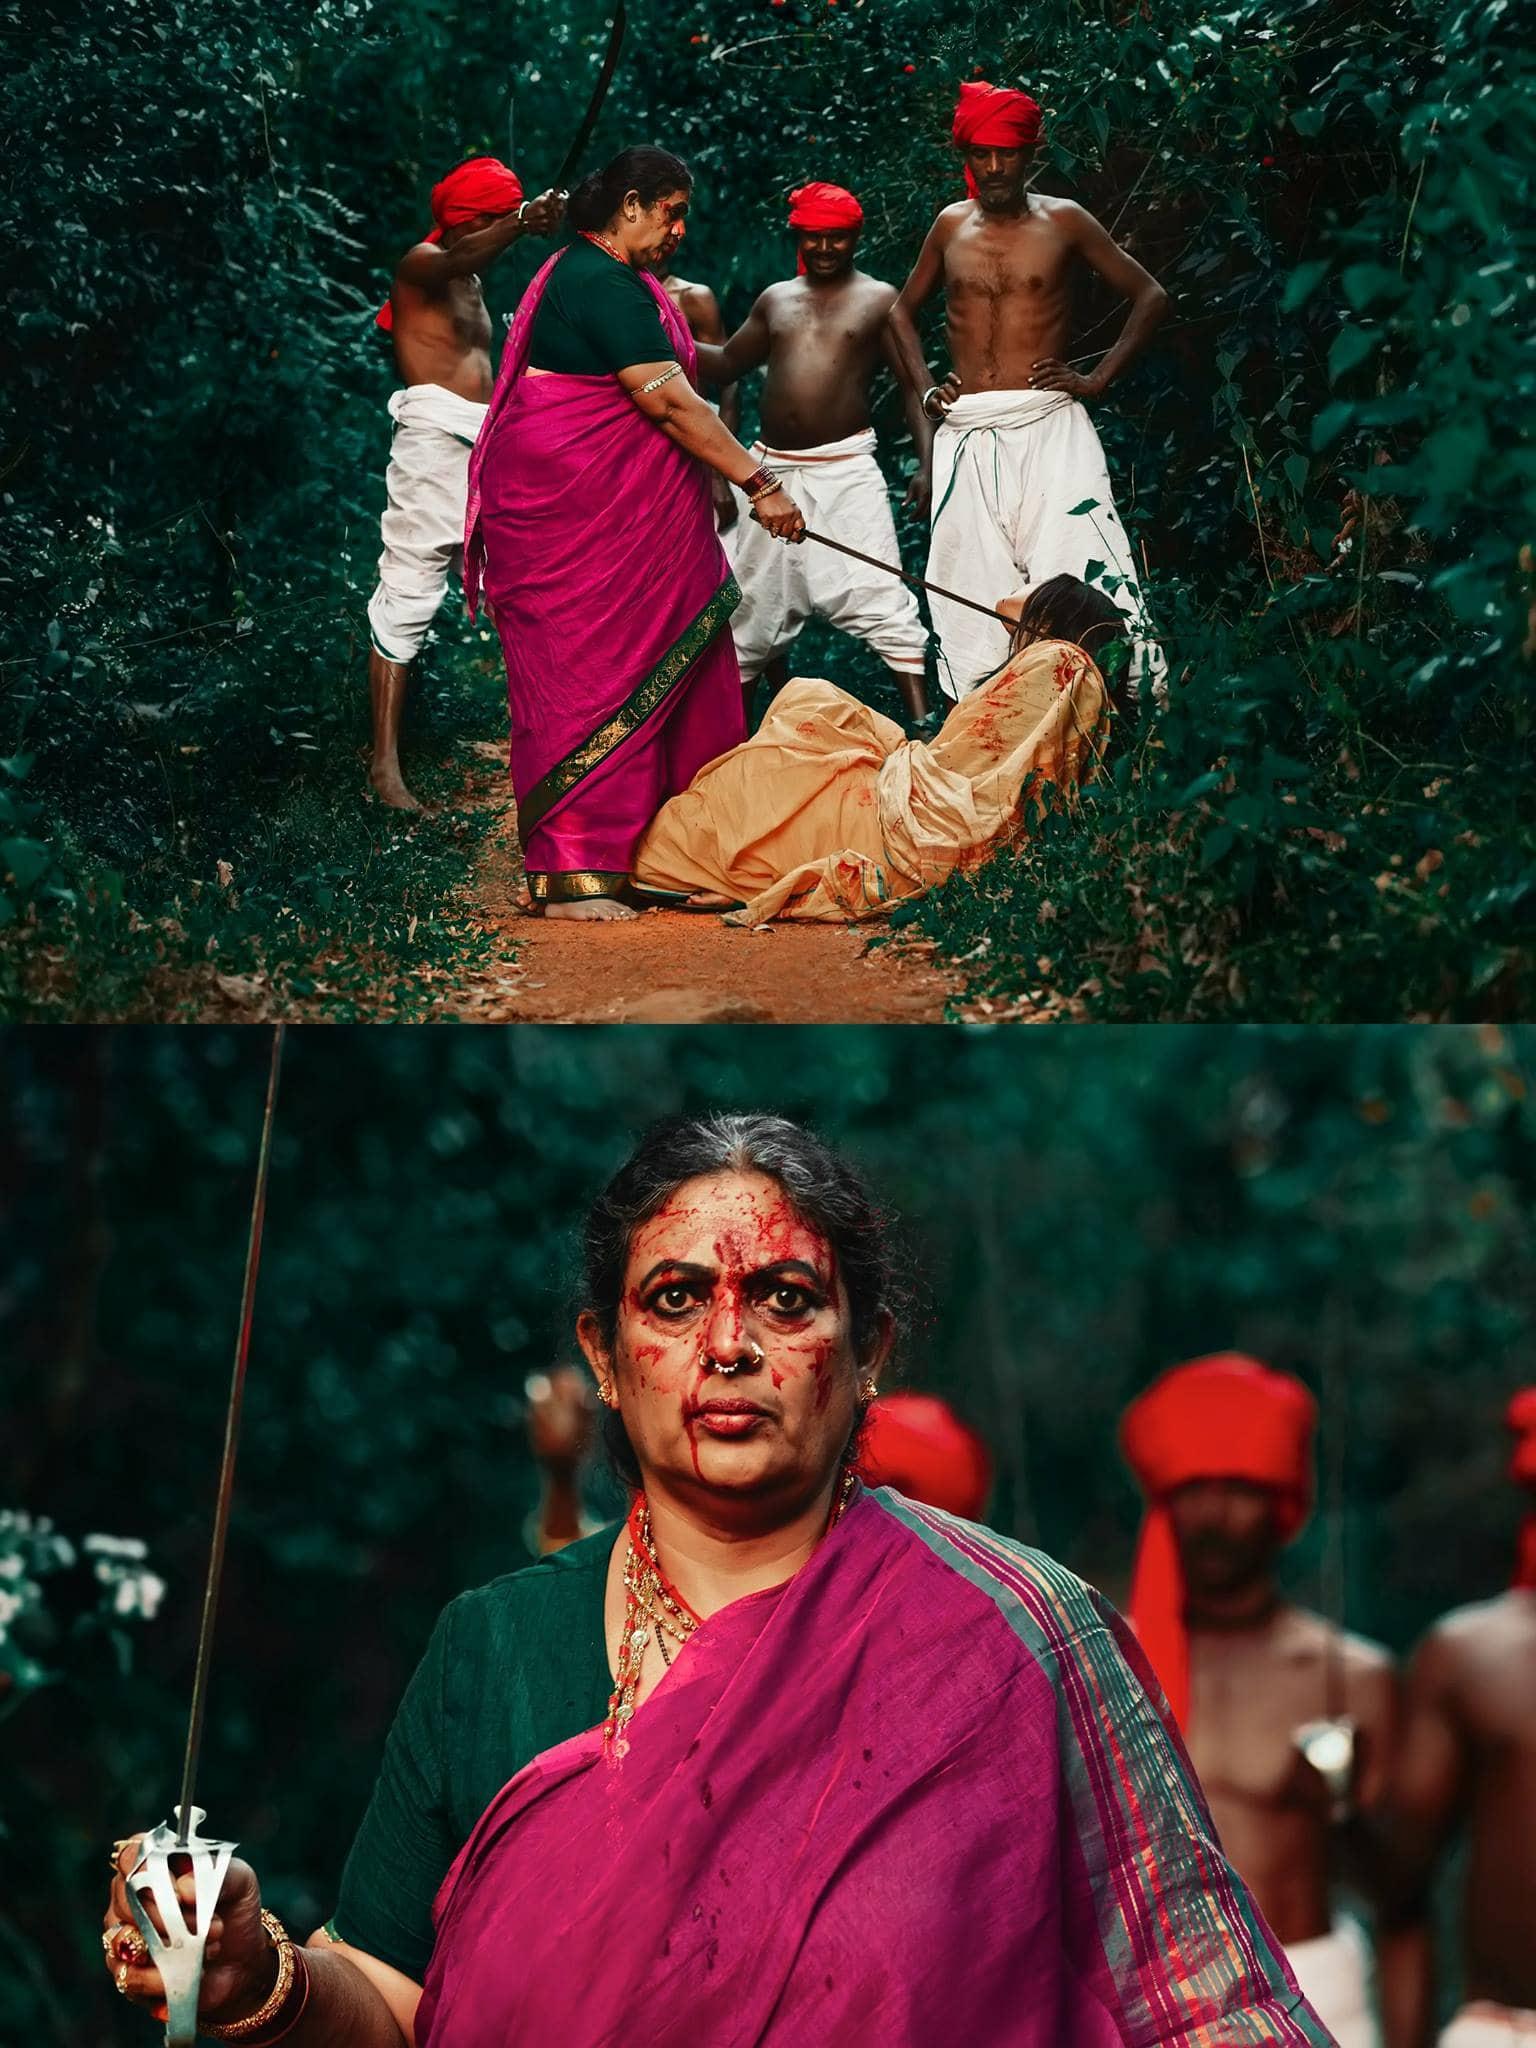 An-Award-winning-photo-story-Avani-By-Arjun-Kamath-47